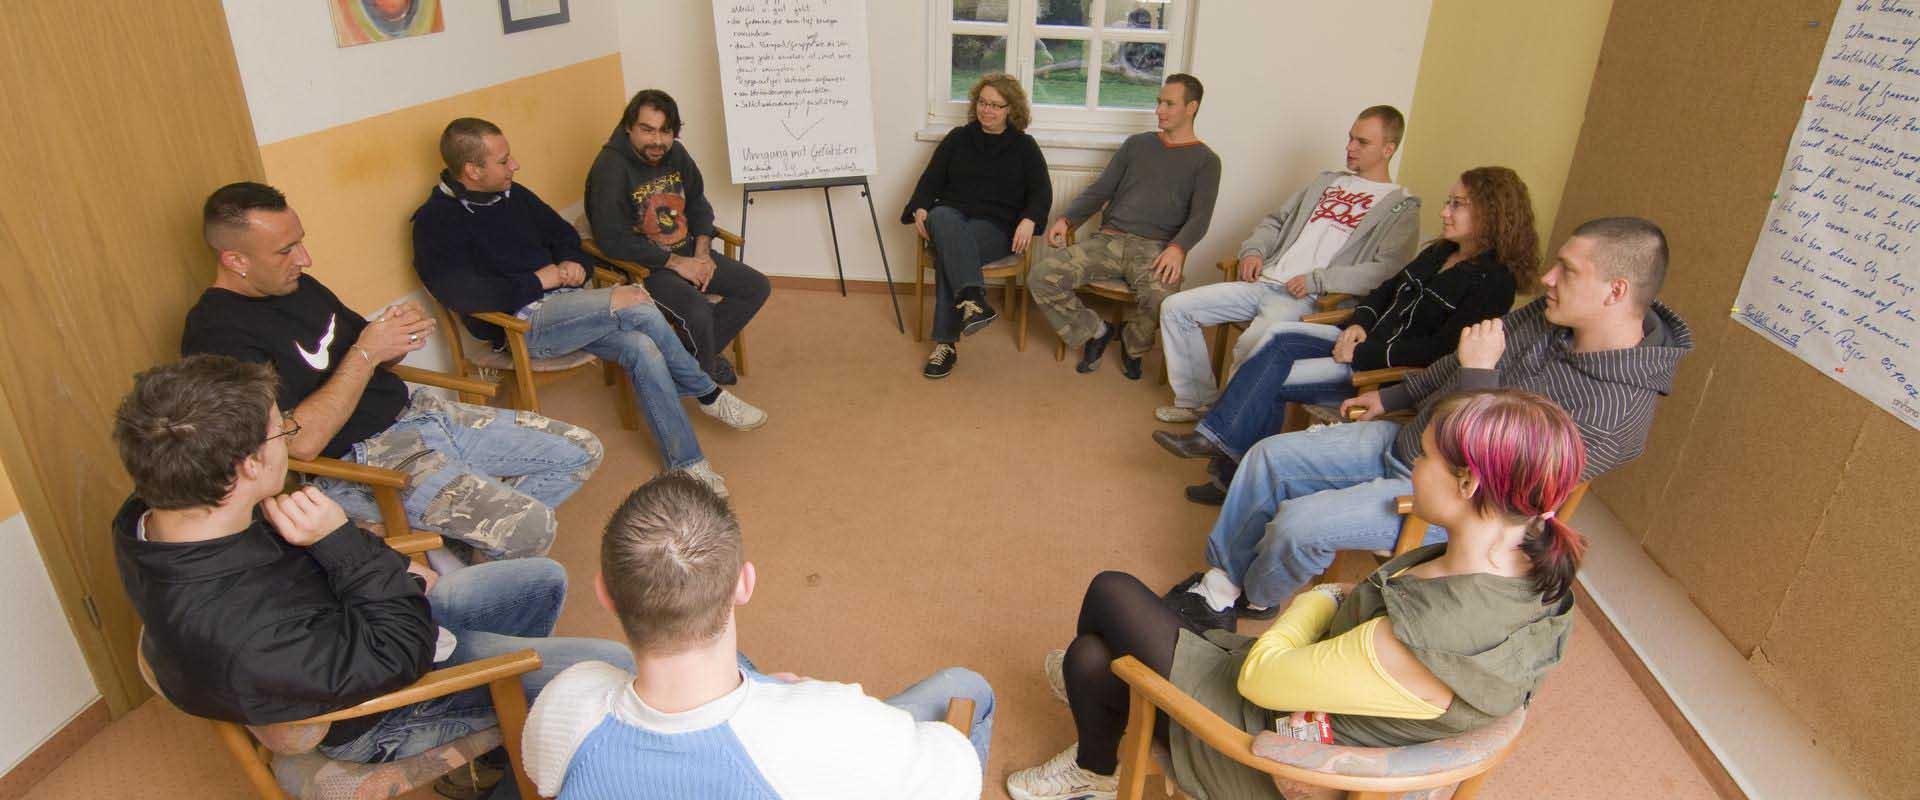 Sitzkreis von Patienten als Behandlung der MEDIAN Klinik Odenwald